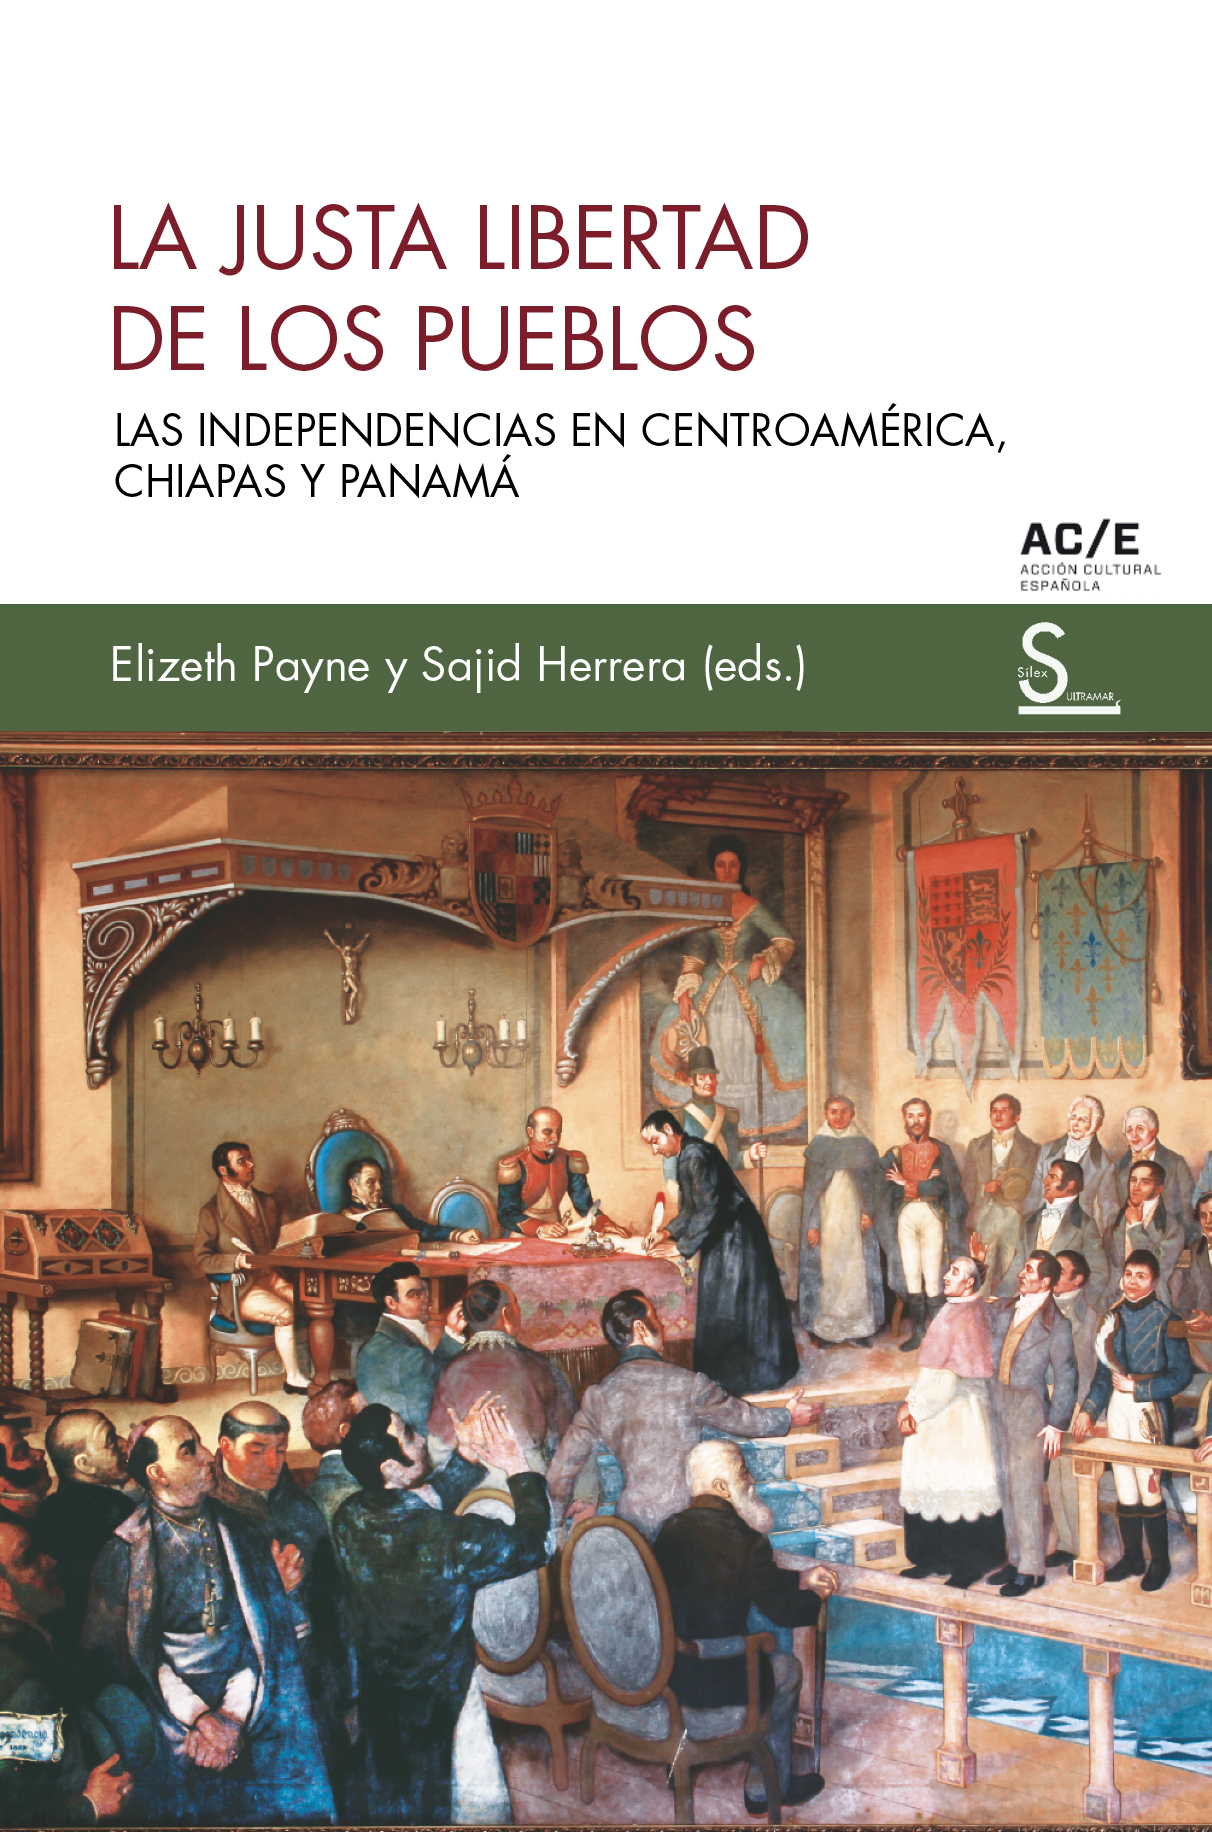 La justa libertad de los pueblos   «Las independencias en Centroamérica, Chiapas y Panamá»